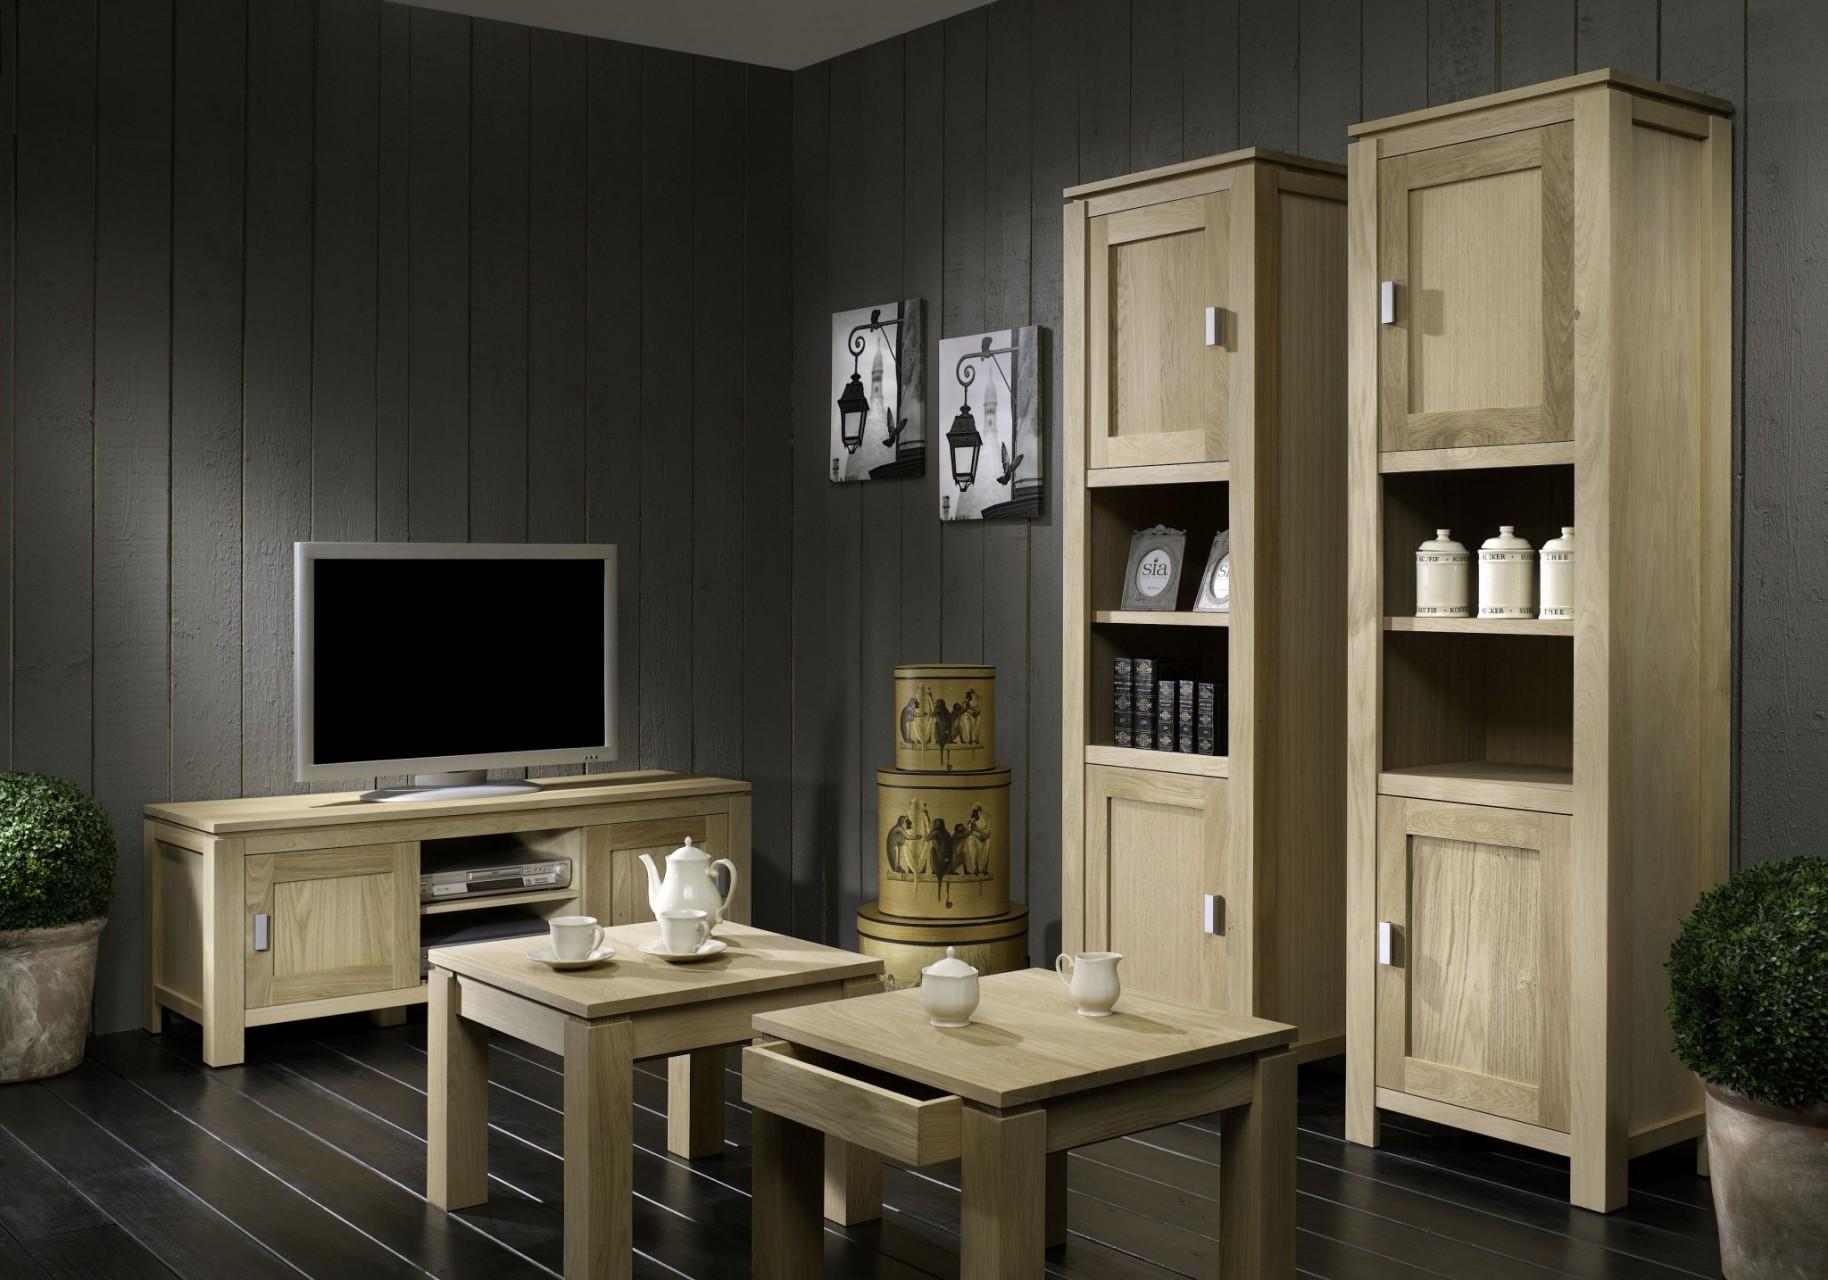 London bks meubelen staphorst